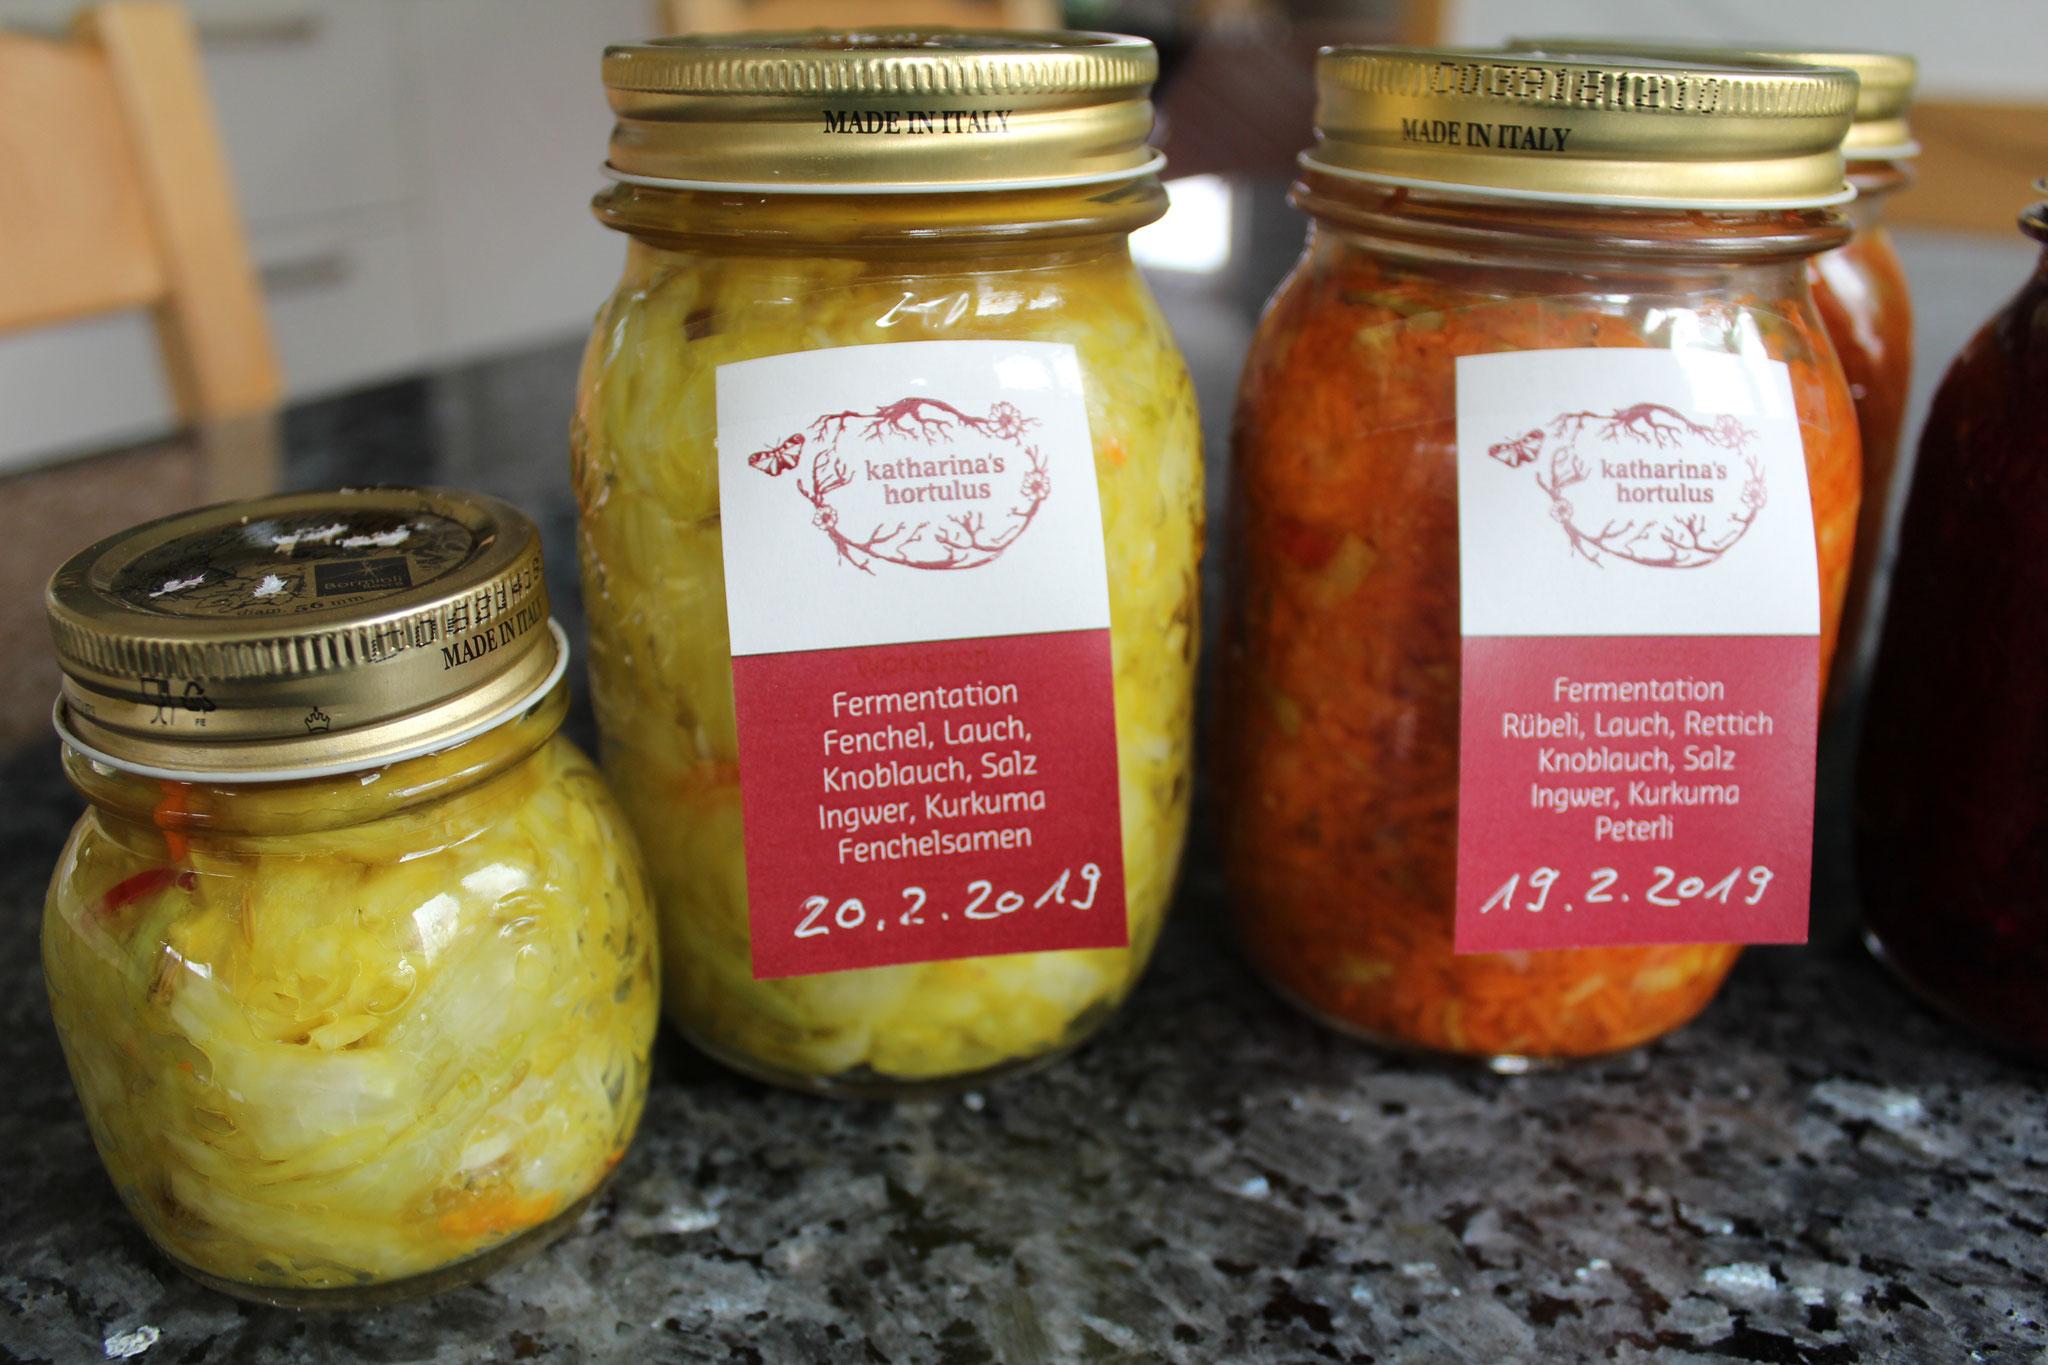 Fermentiertes Gemüse mit Kräutern und Gewürzen angereichert lässt wunderbare Geschmacksrichtungen entfalten